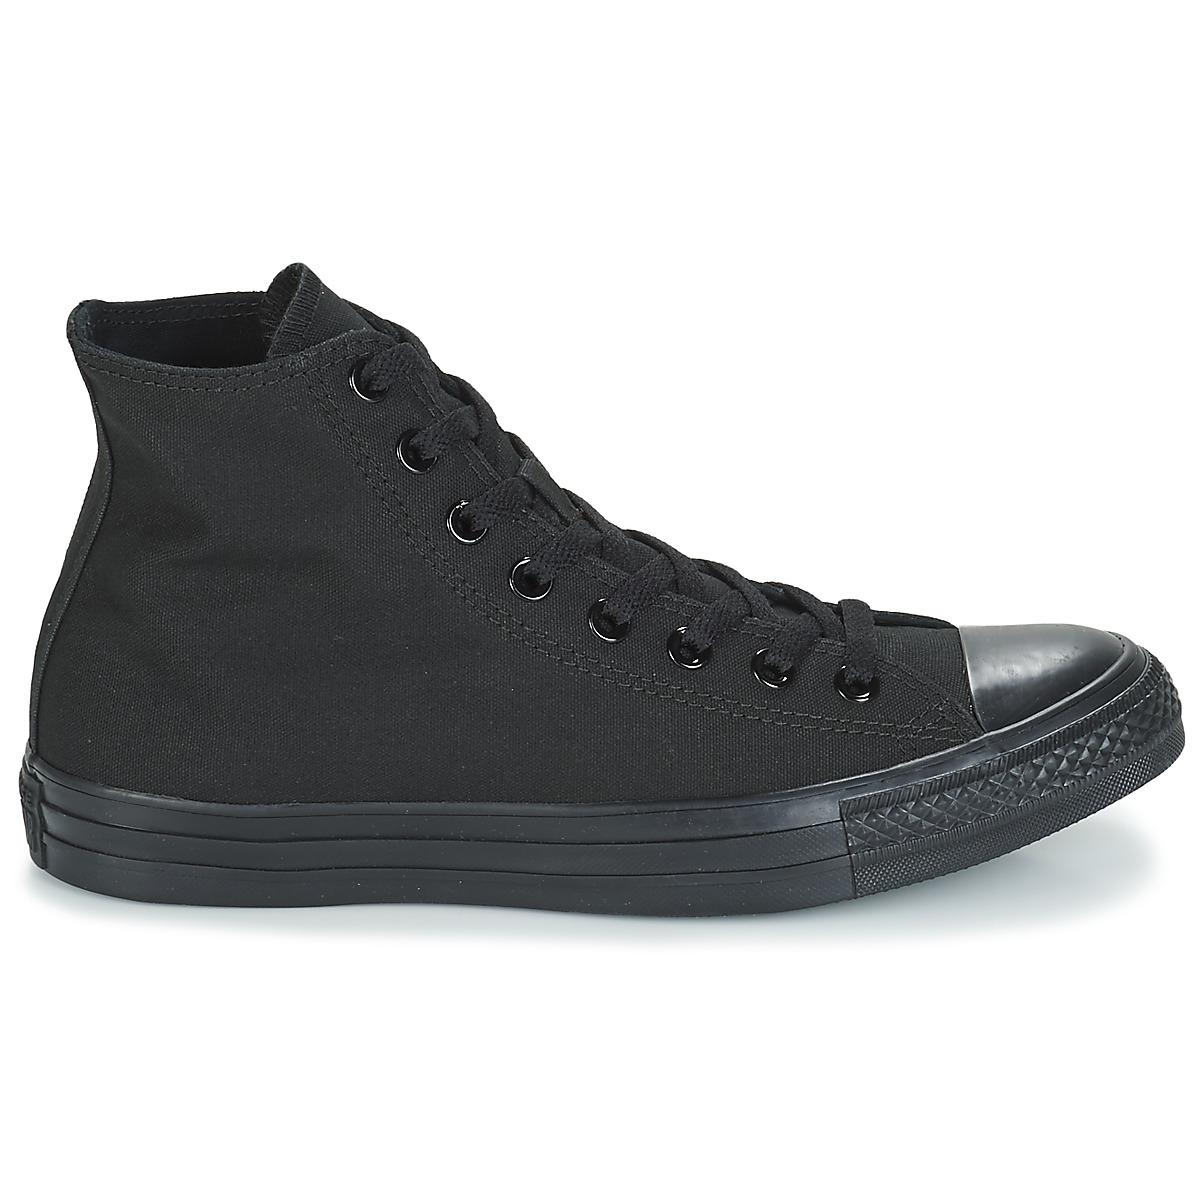 scarpe donna converse all star alte